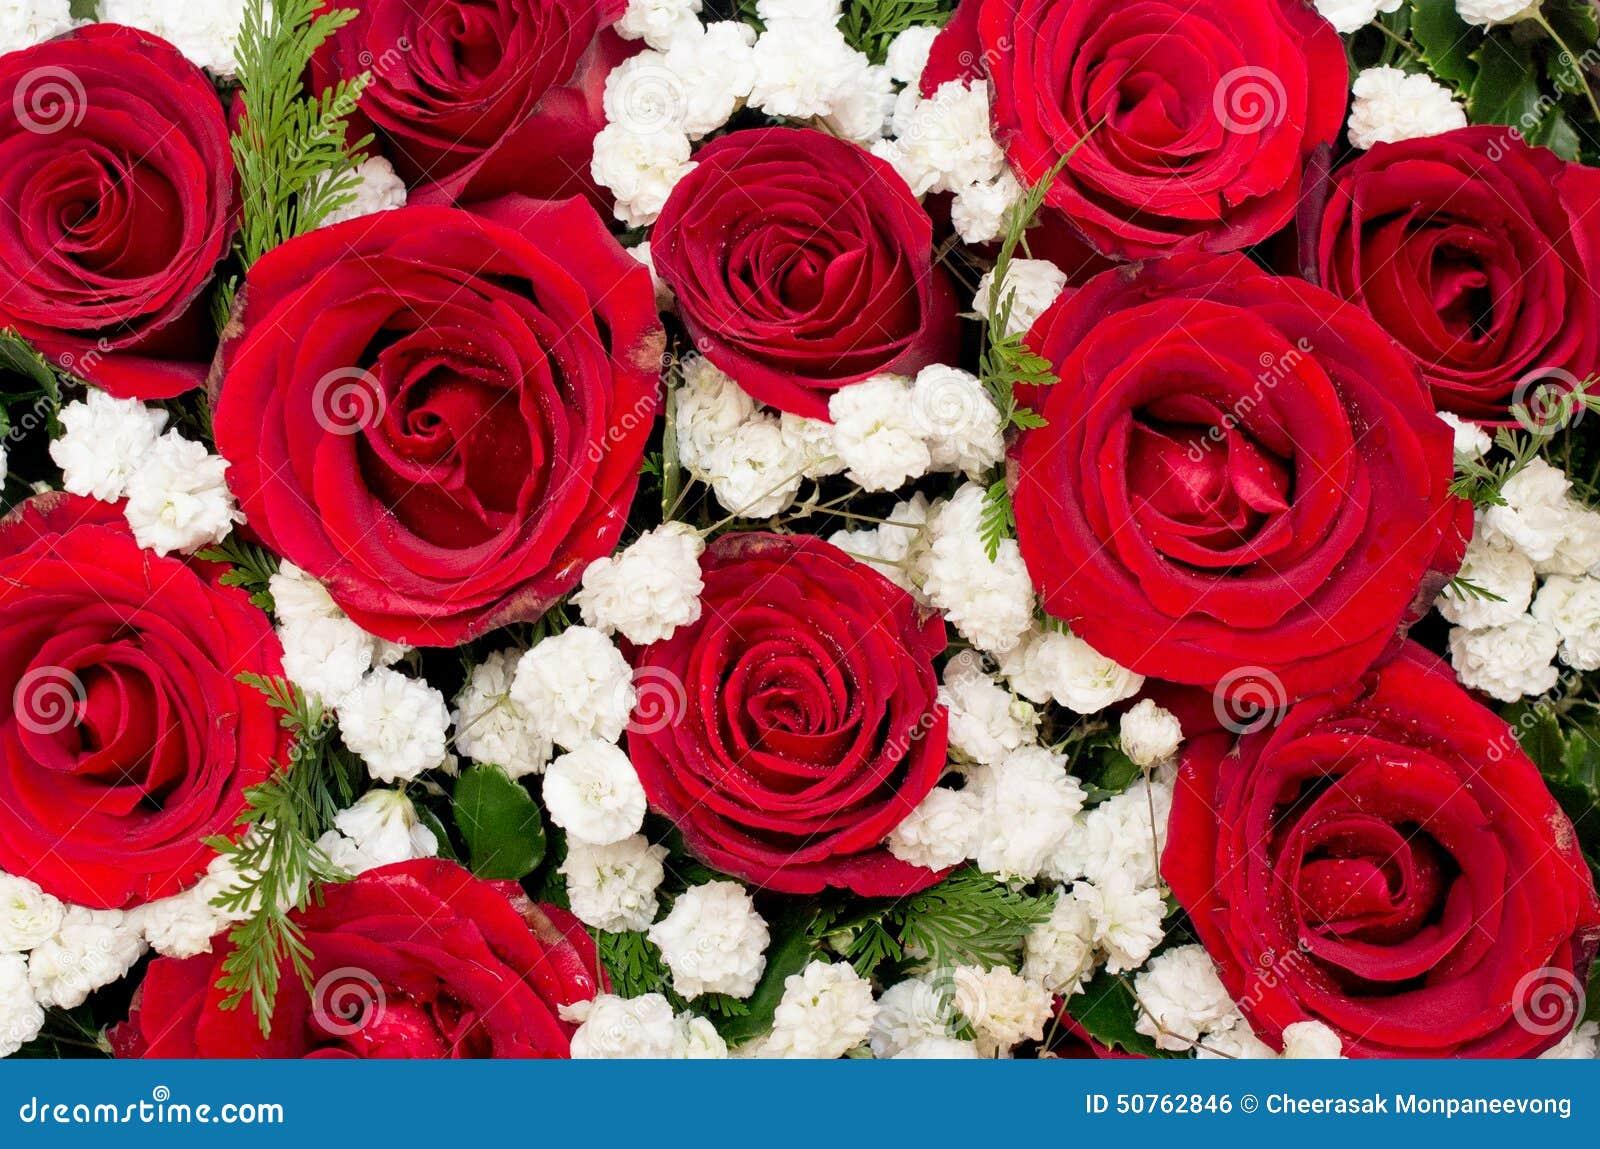 Bouquet des roses rouges et de la fleur blanche dans la boîte en forme de coeur